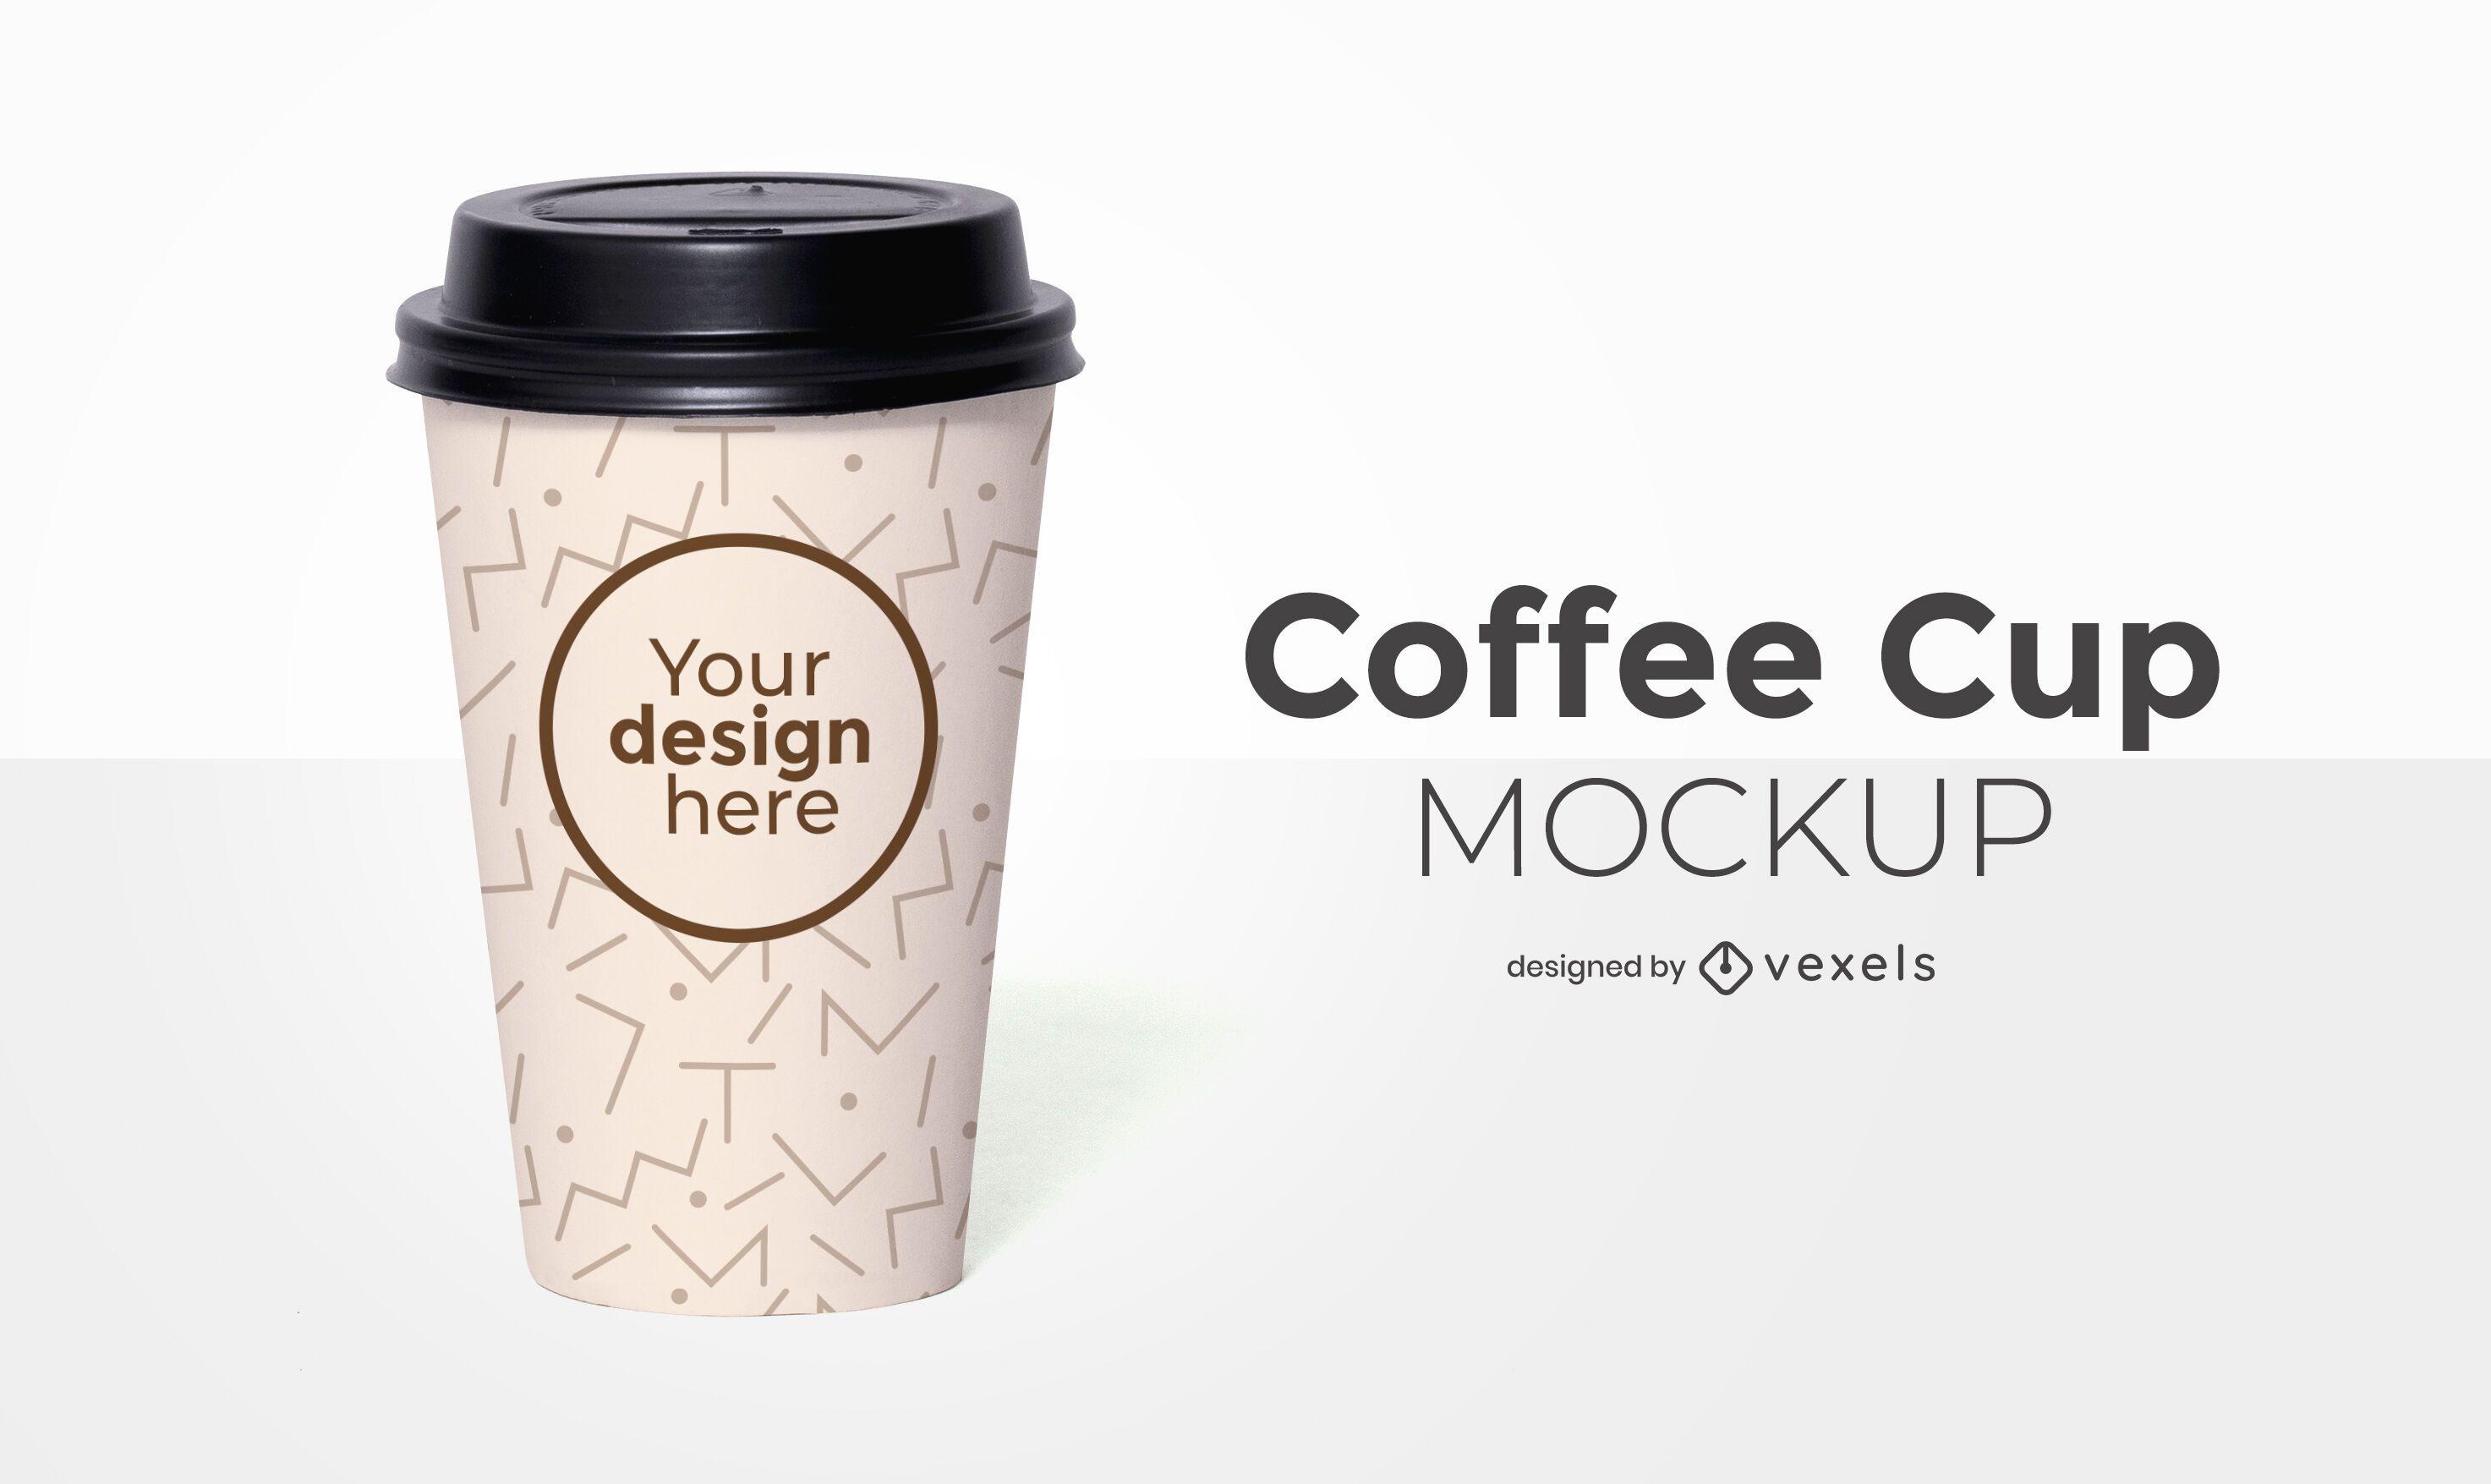 Design de maquete frontal da xícara de café